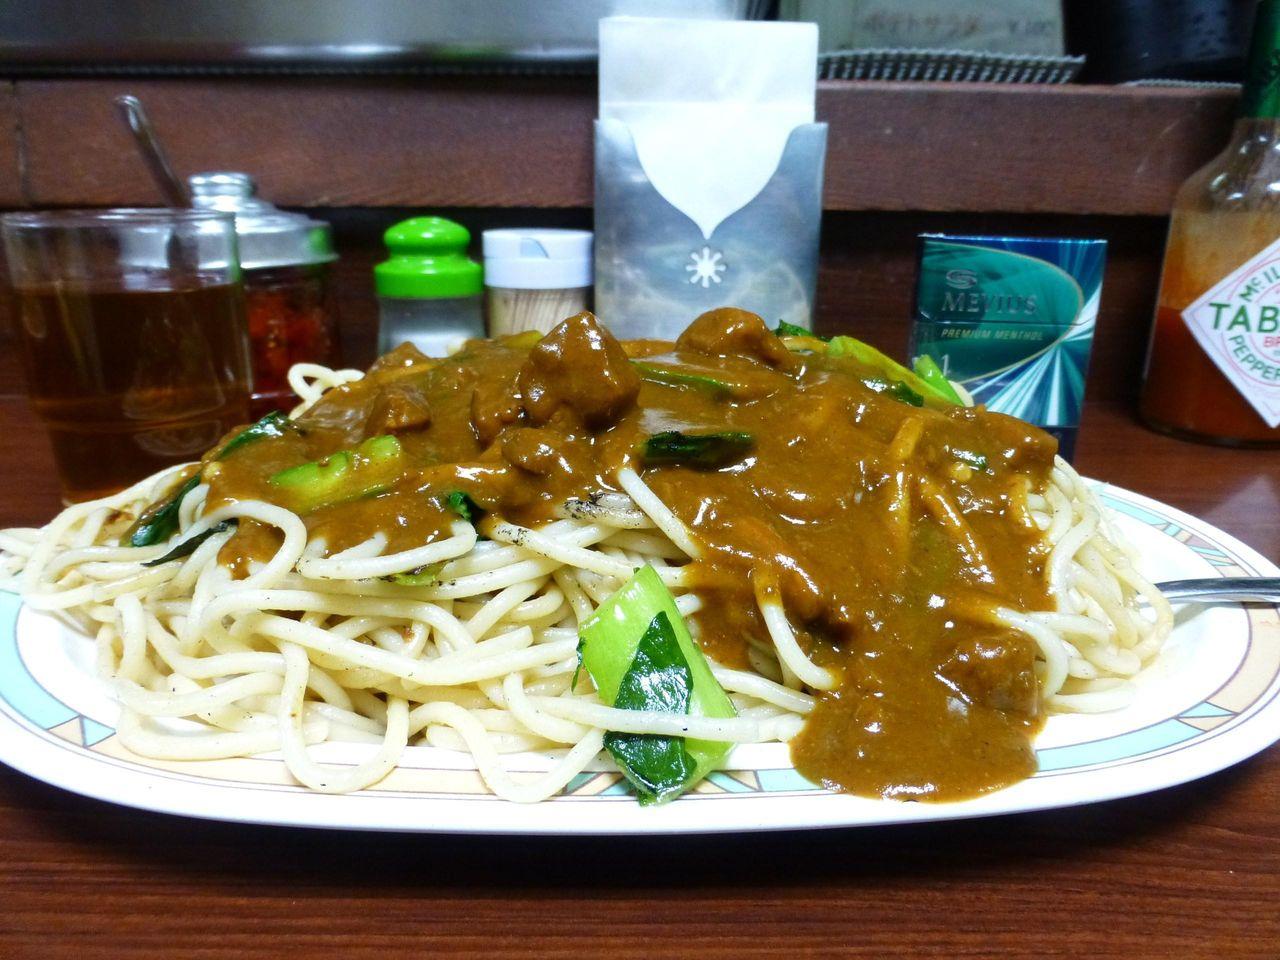 炒めたスパゲッティの上から、カレーの源泉かけ流し!